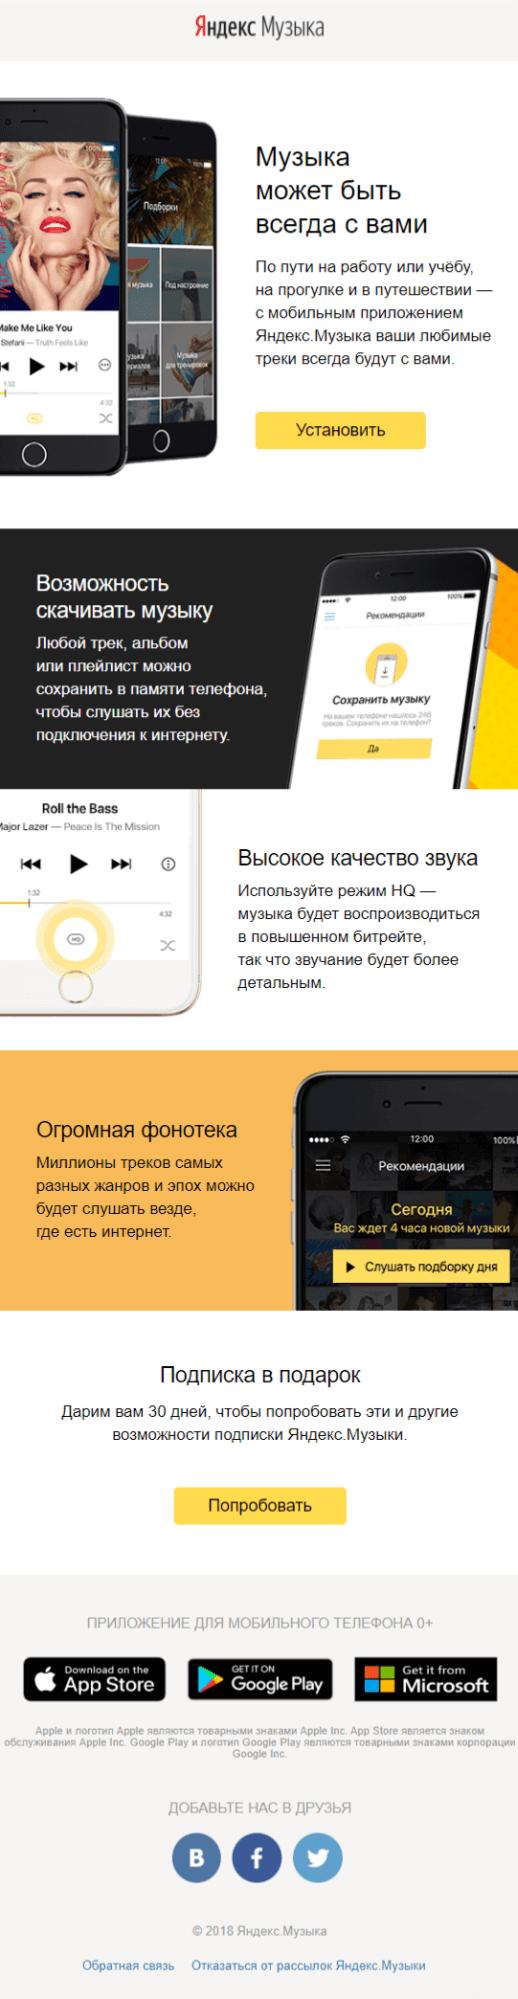 Письмо от Яндекс.Музыки с предложением пробной подписки